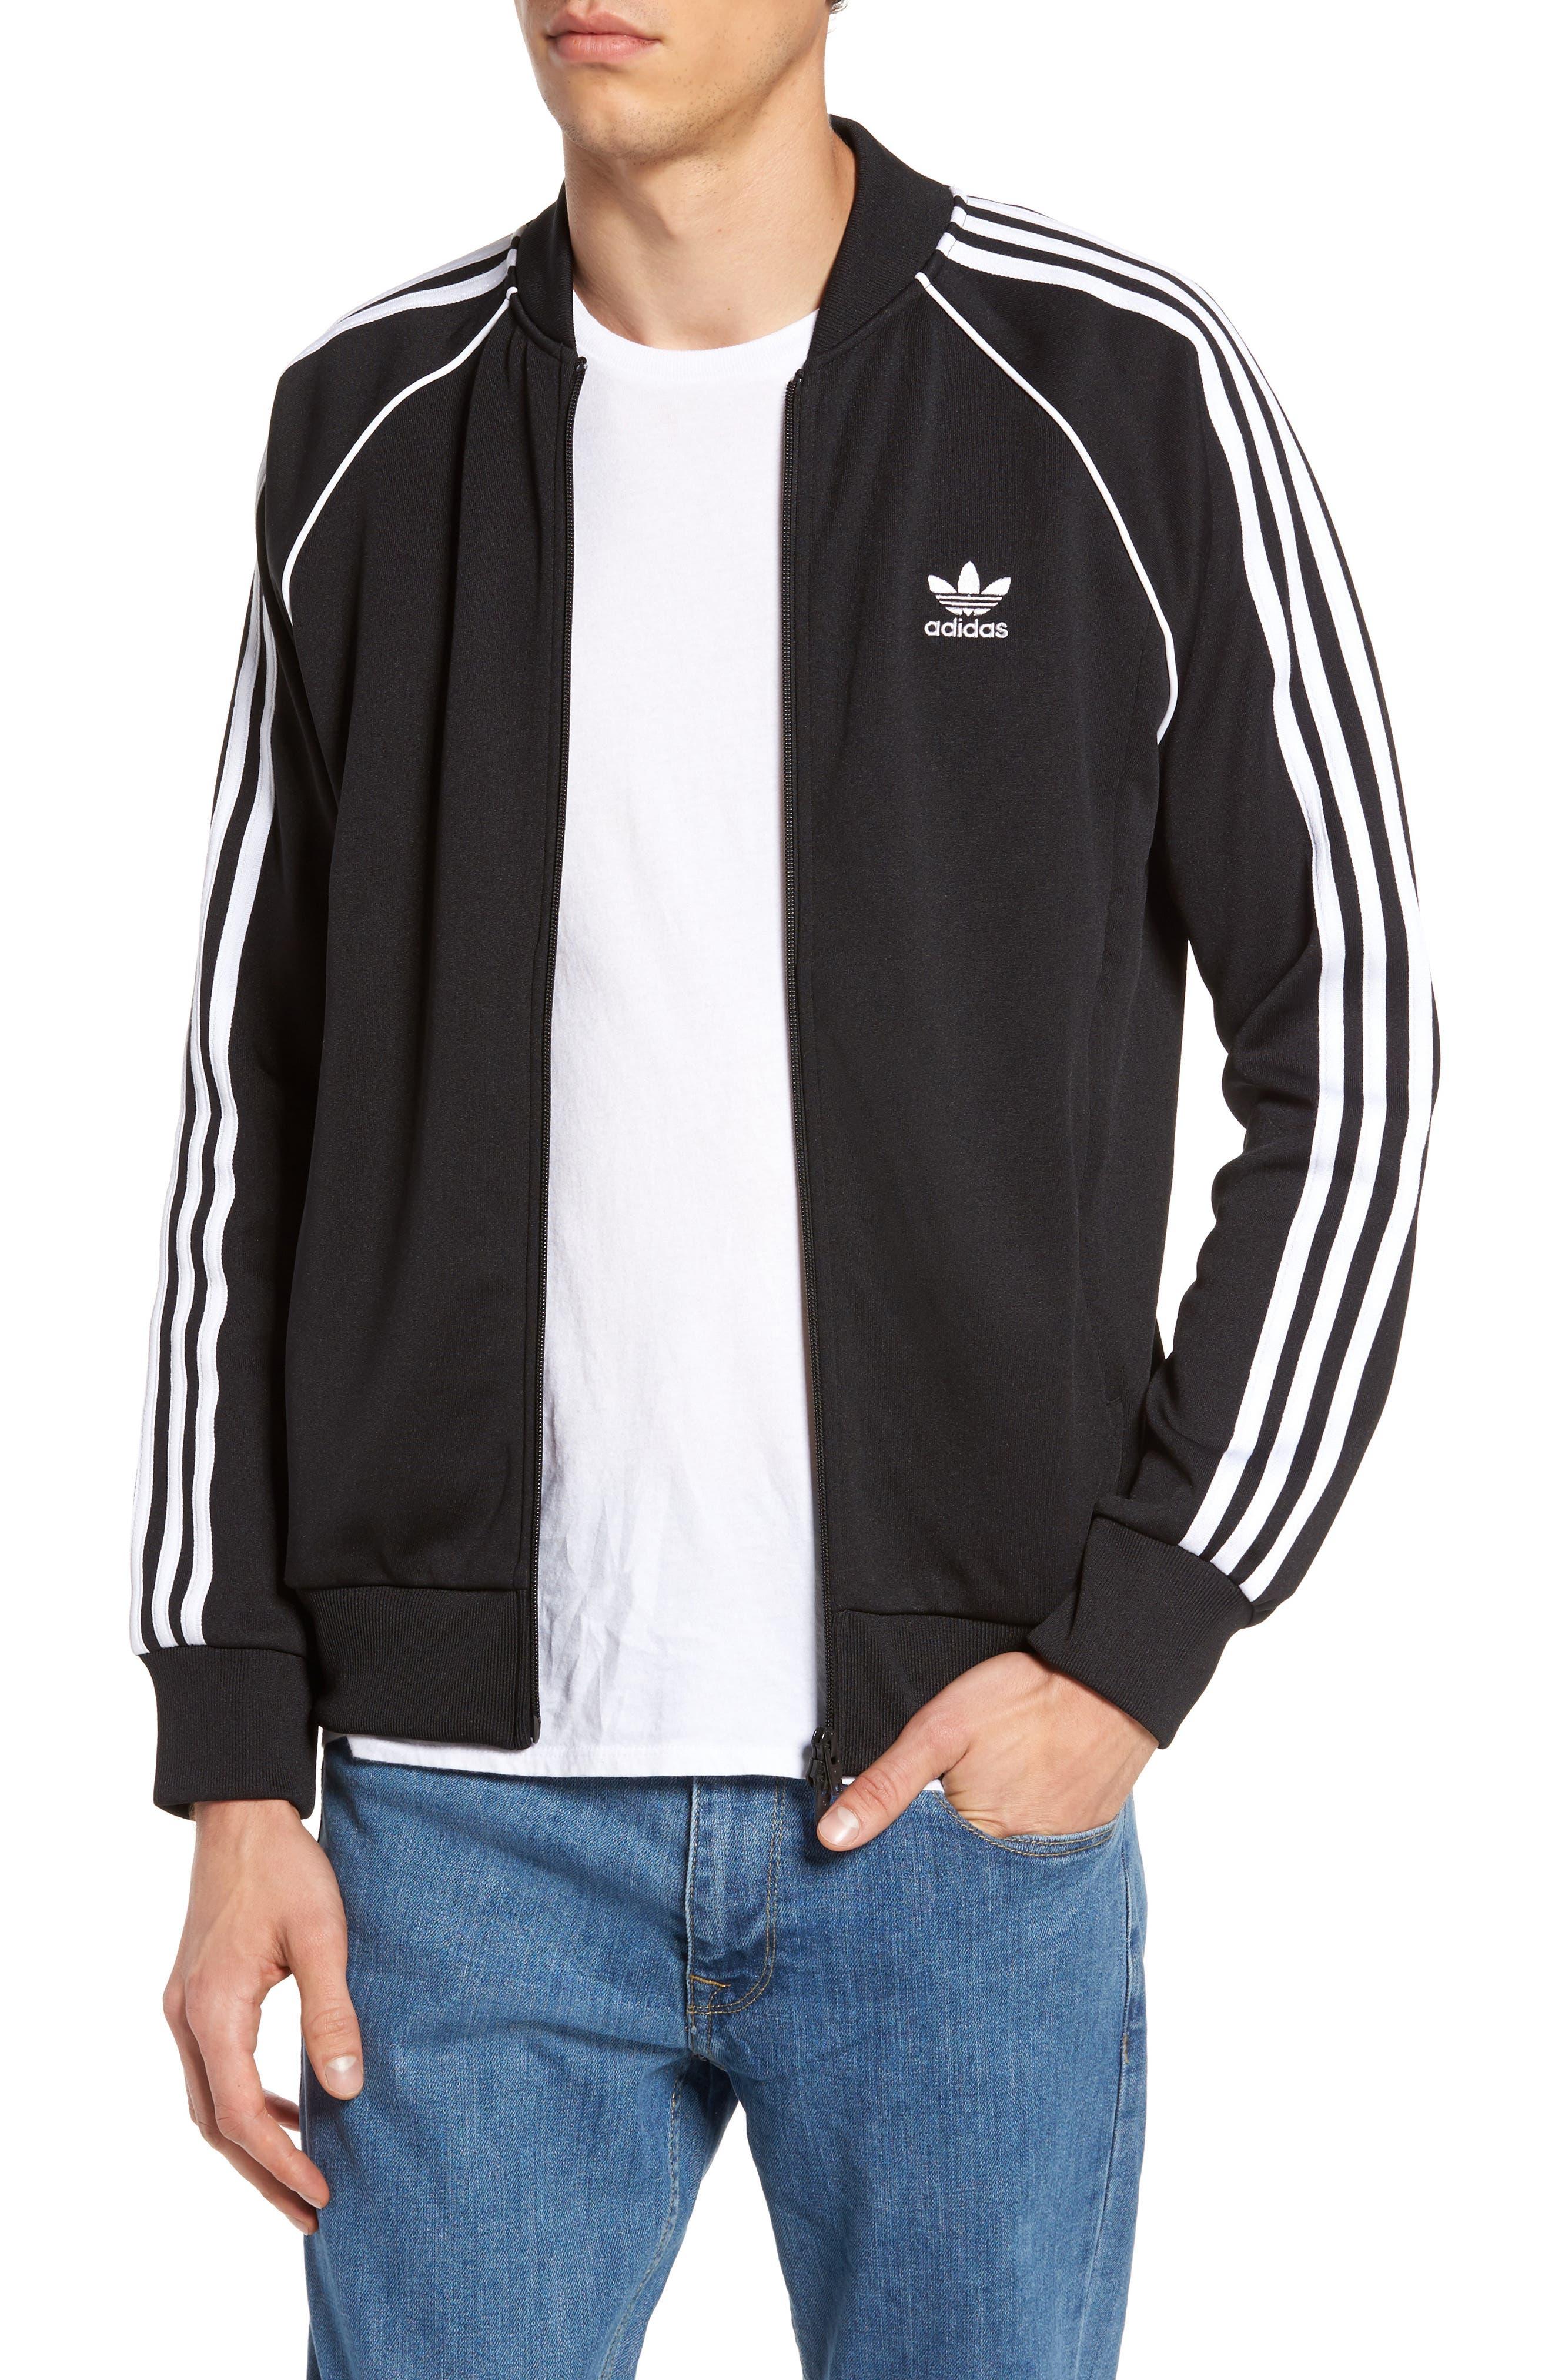 SST Track Jacket,                         Main,                         color, Black